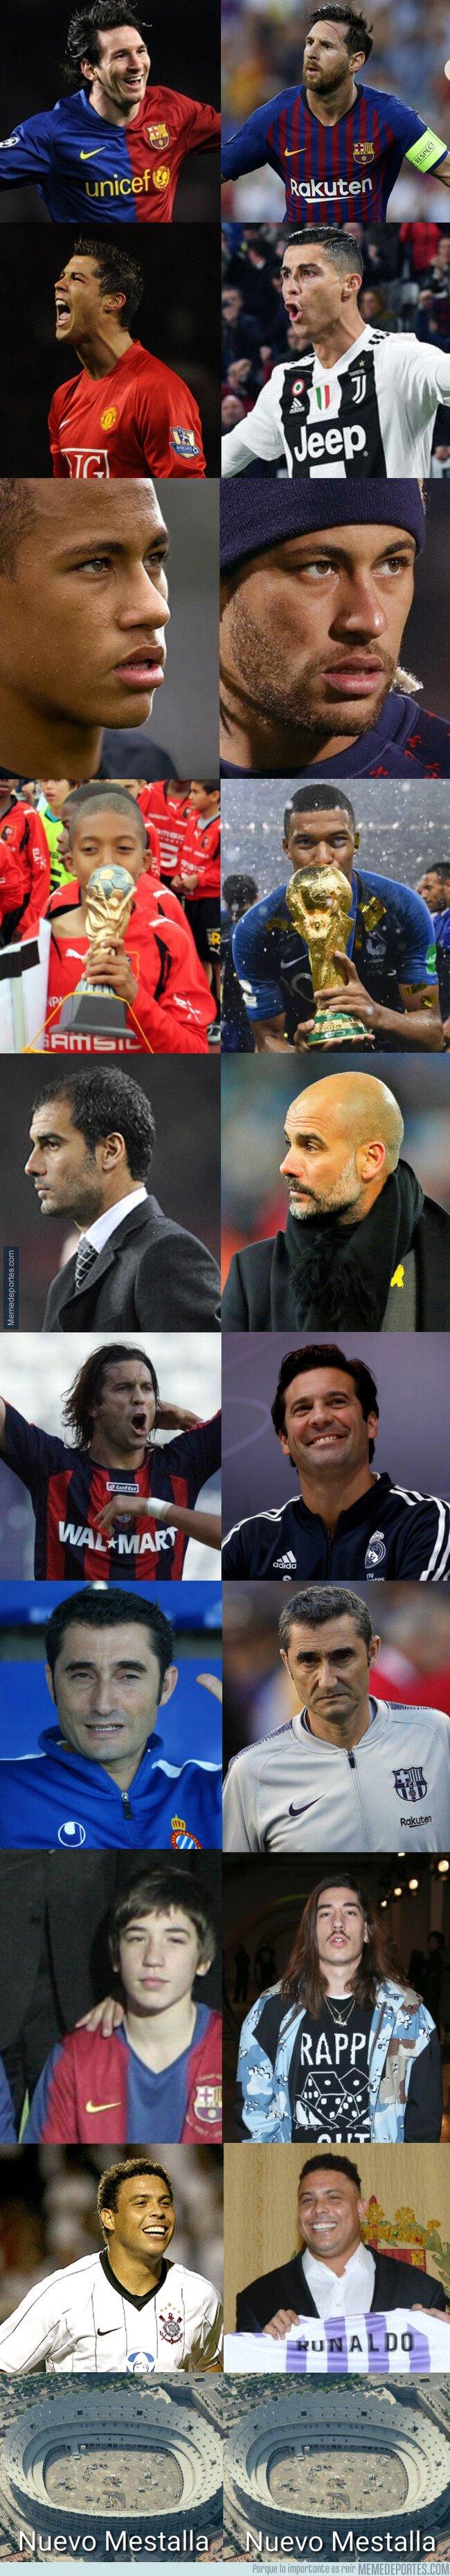 1061651 - Algunos #10yearschallegue del mundo del fútbol